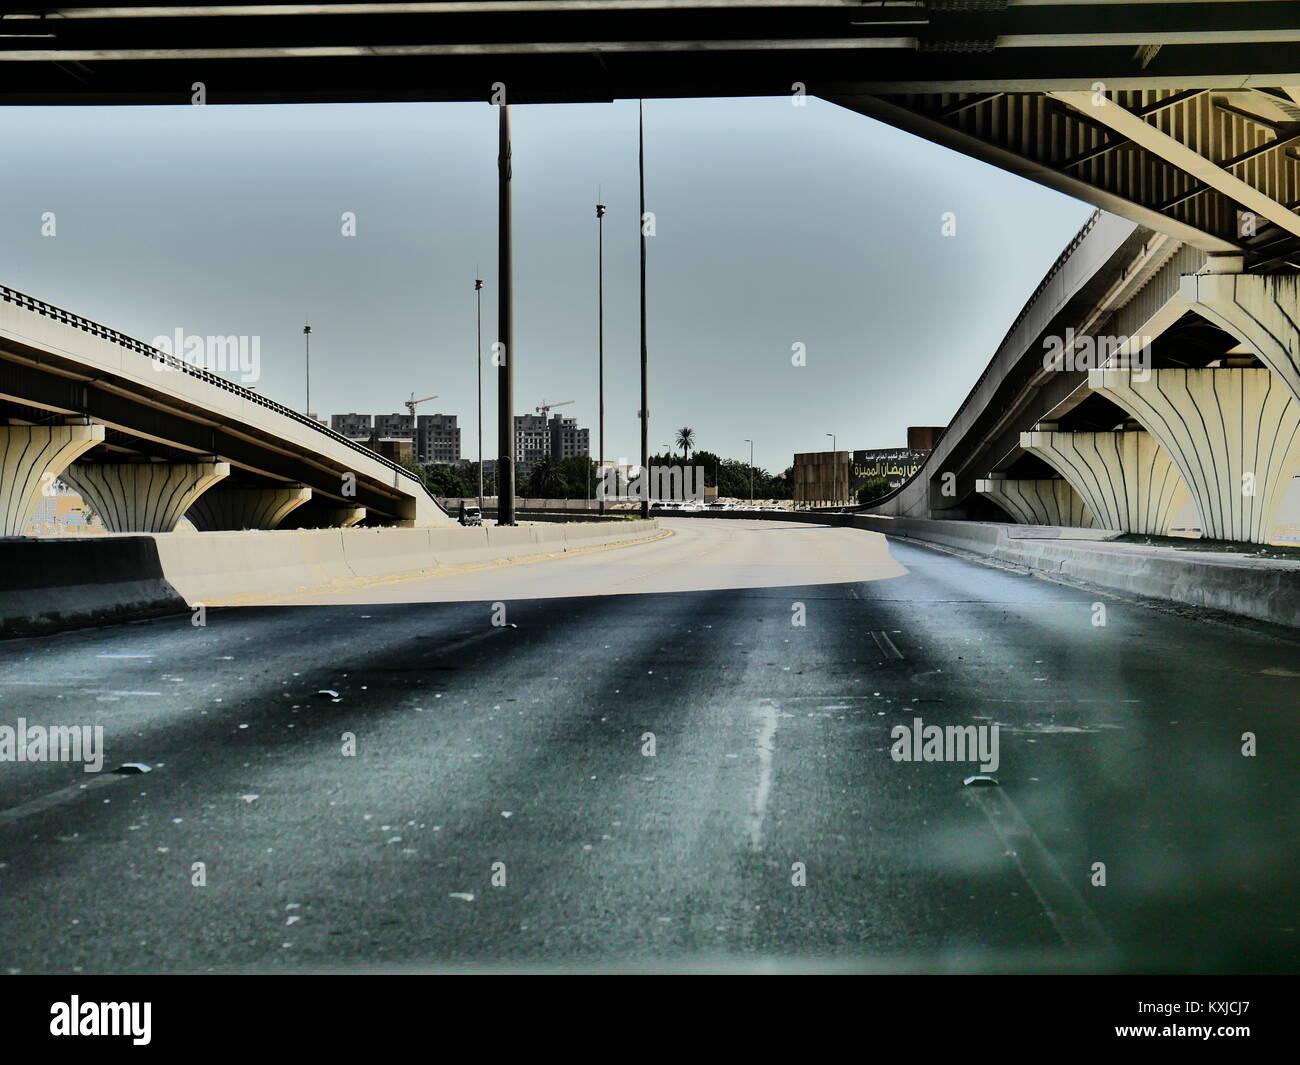 Al Khobar City Images in Saudi Arabia - Stock Image